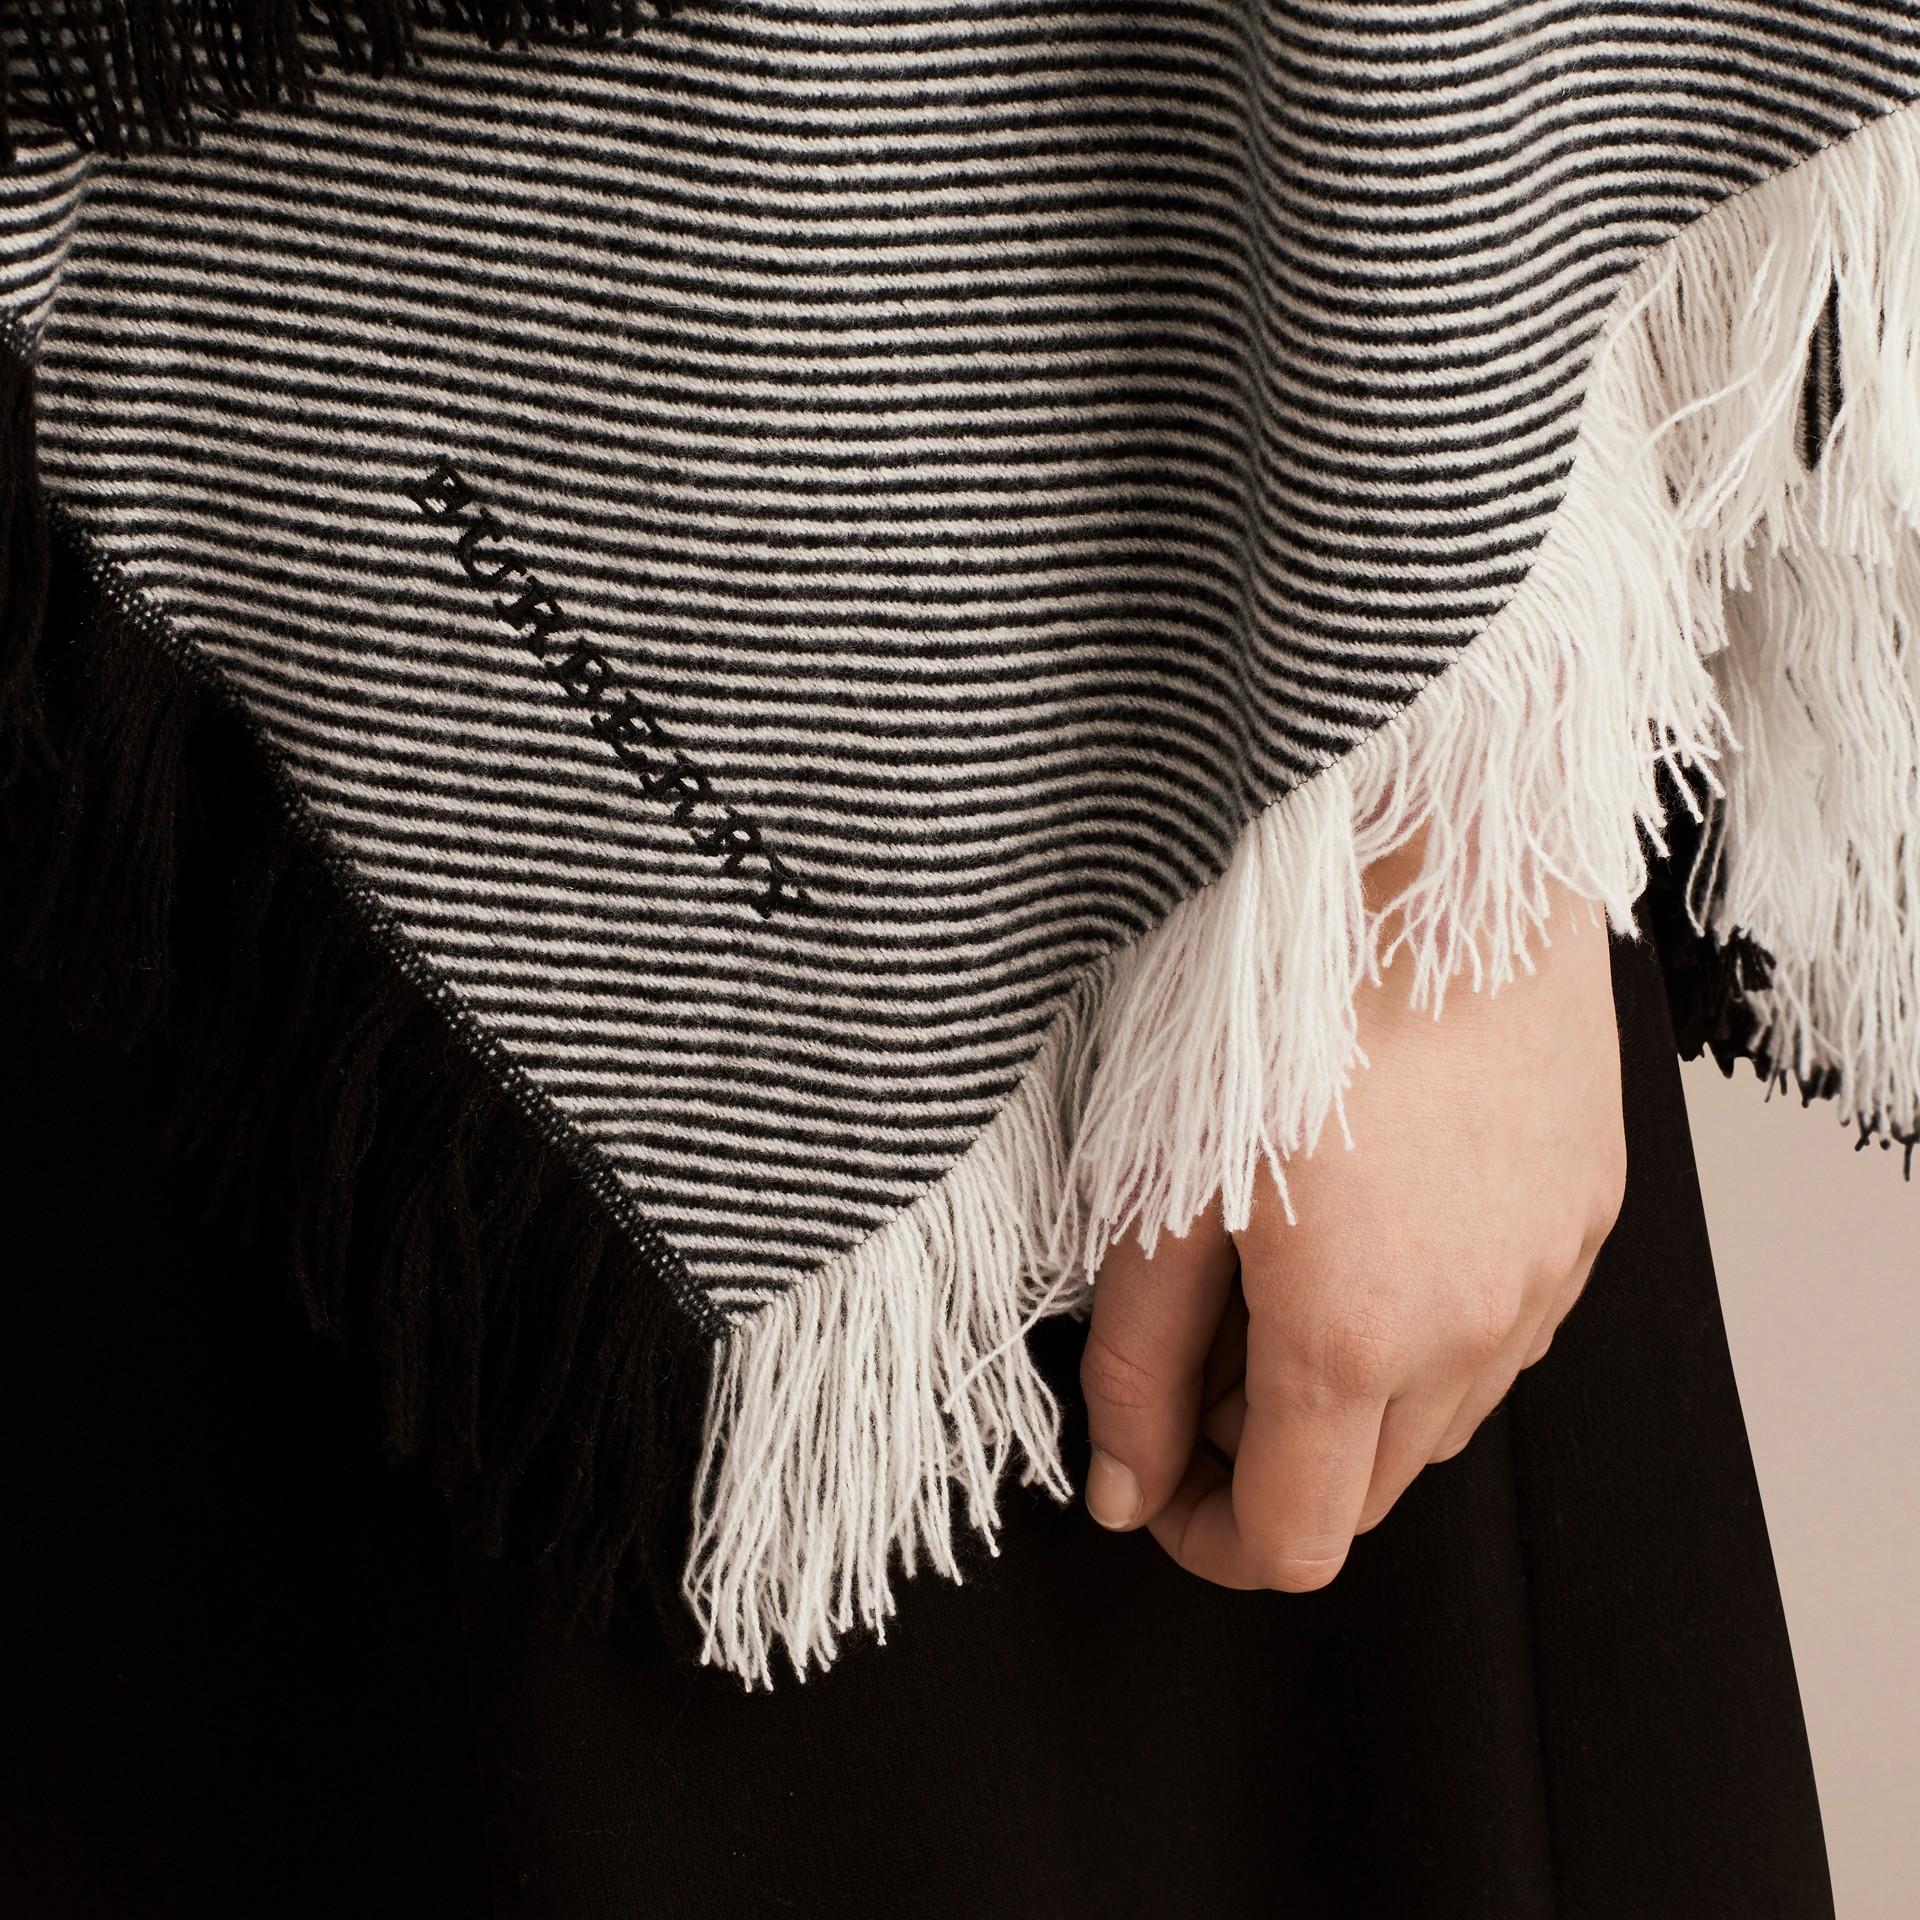 ブラック/ホワイト フリンジド・ウールカシミア・ポンチョ - ギャラリーイメージ 2